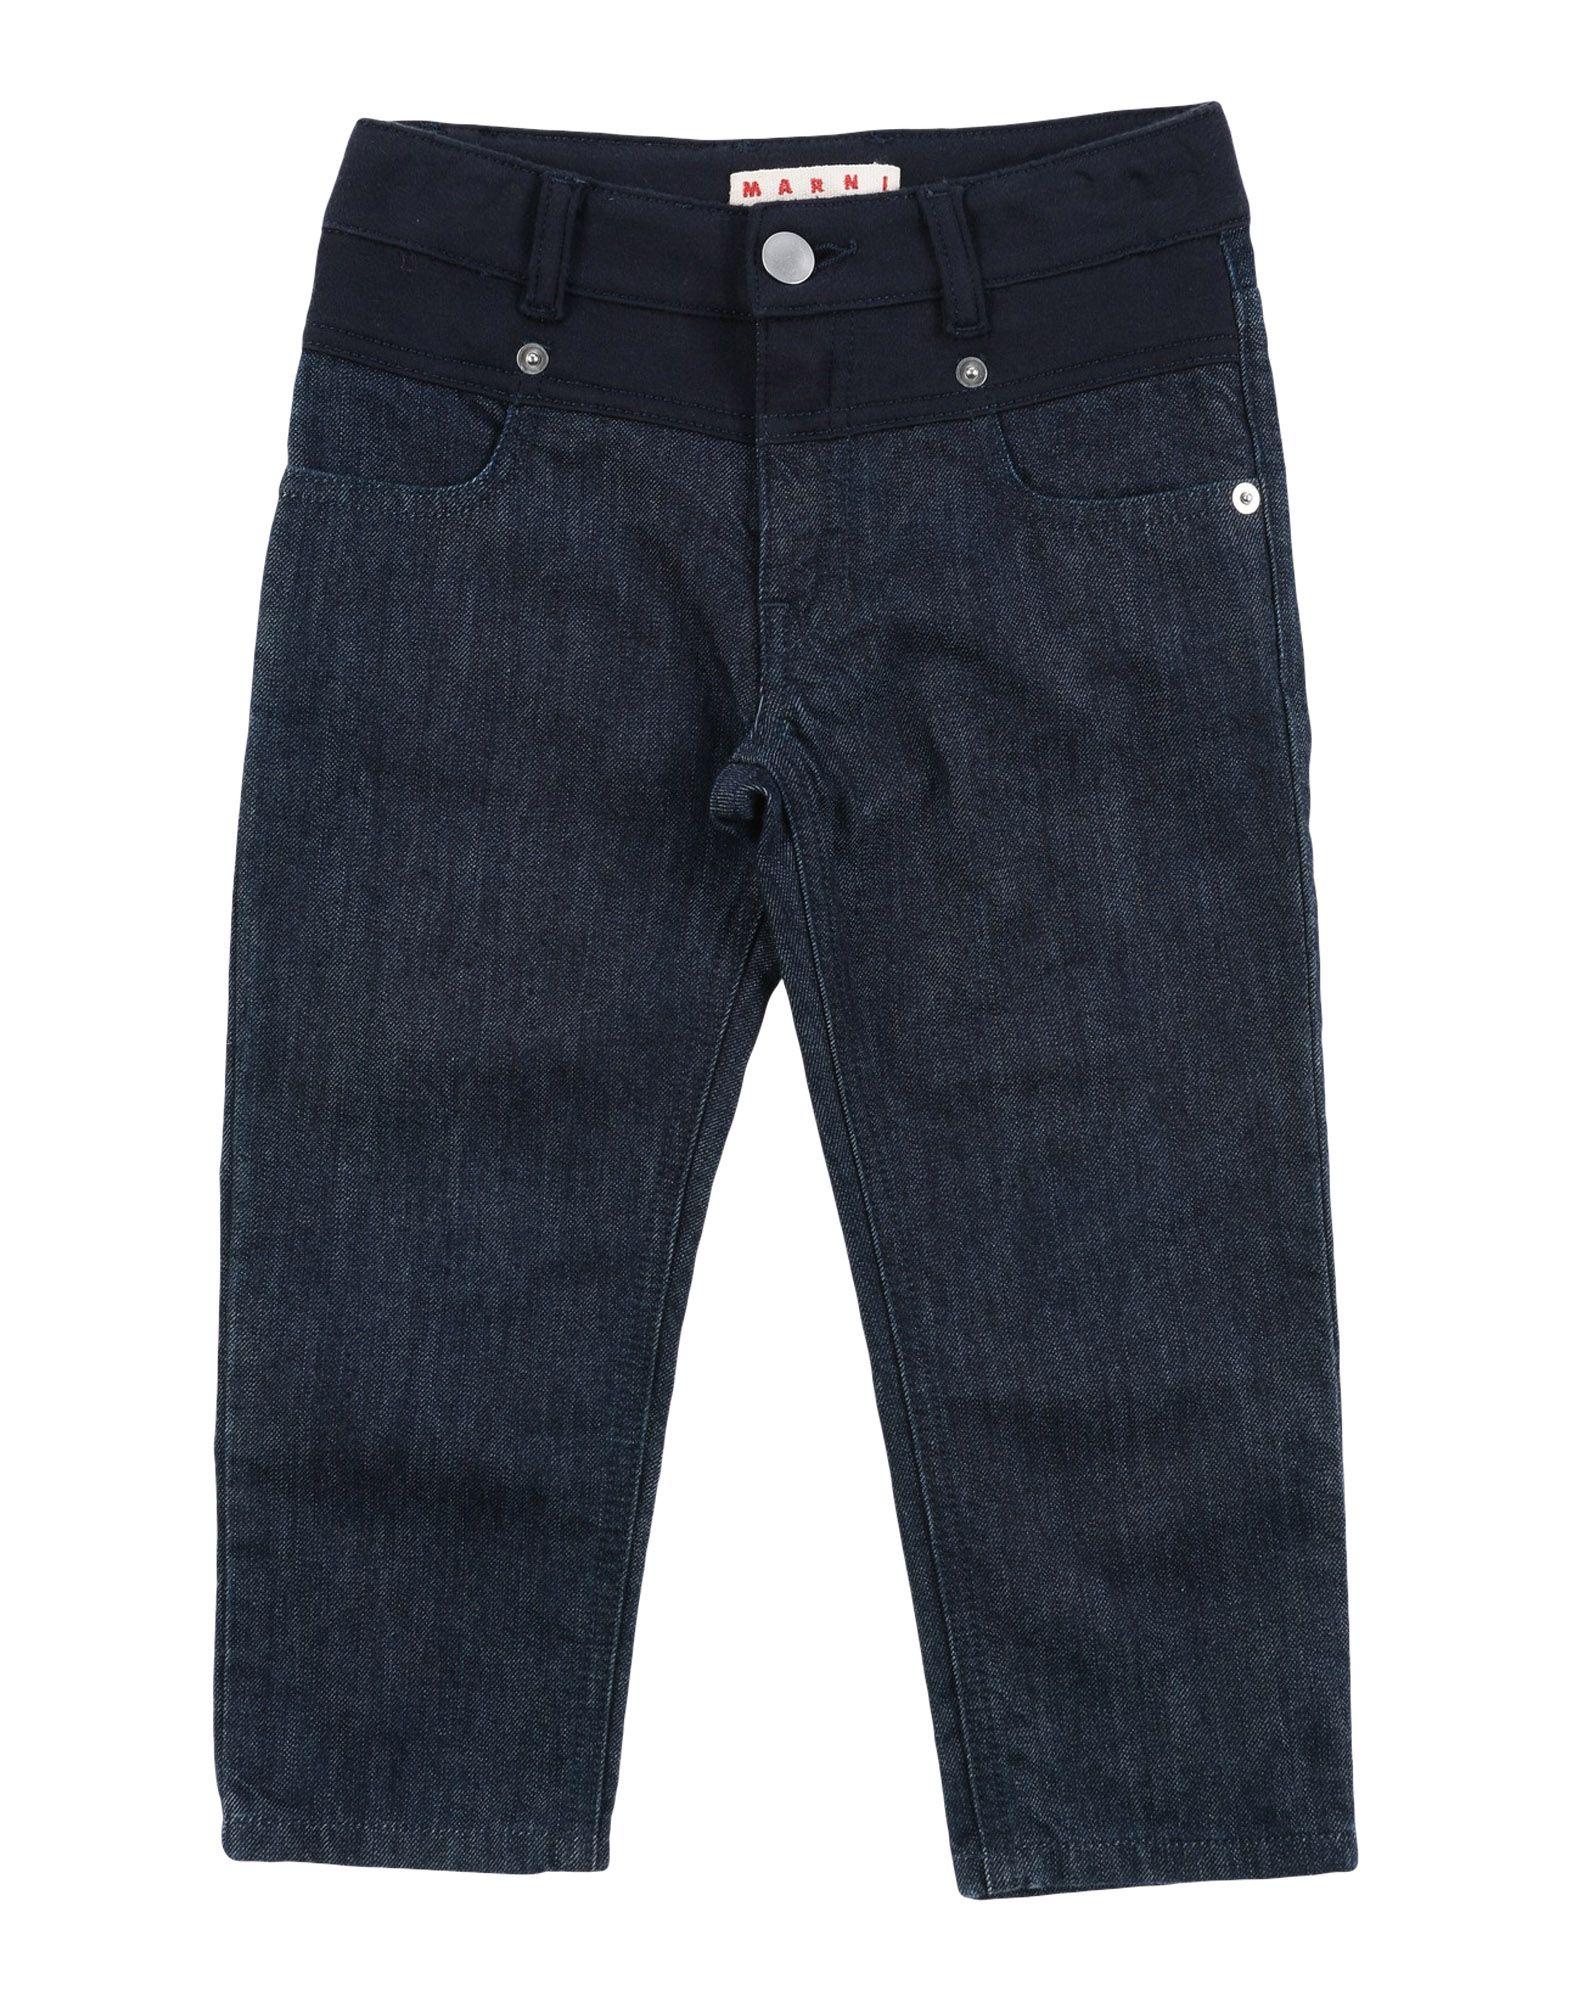 MARNI Джинсовые брюки брюки текстильные джинсовые для девочек 110 362011 синий деним ean 4690244736511